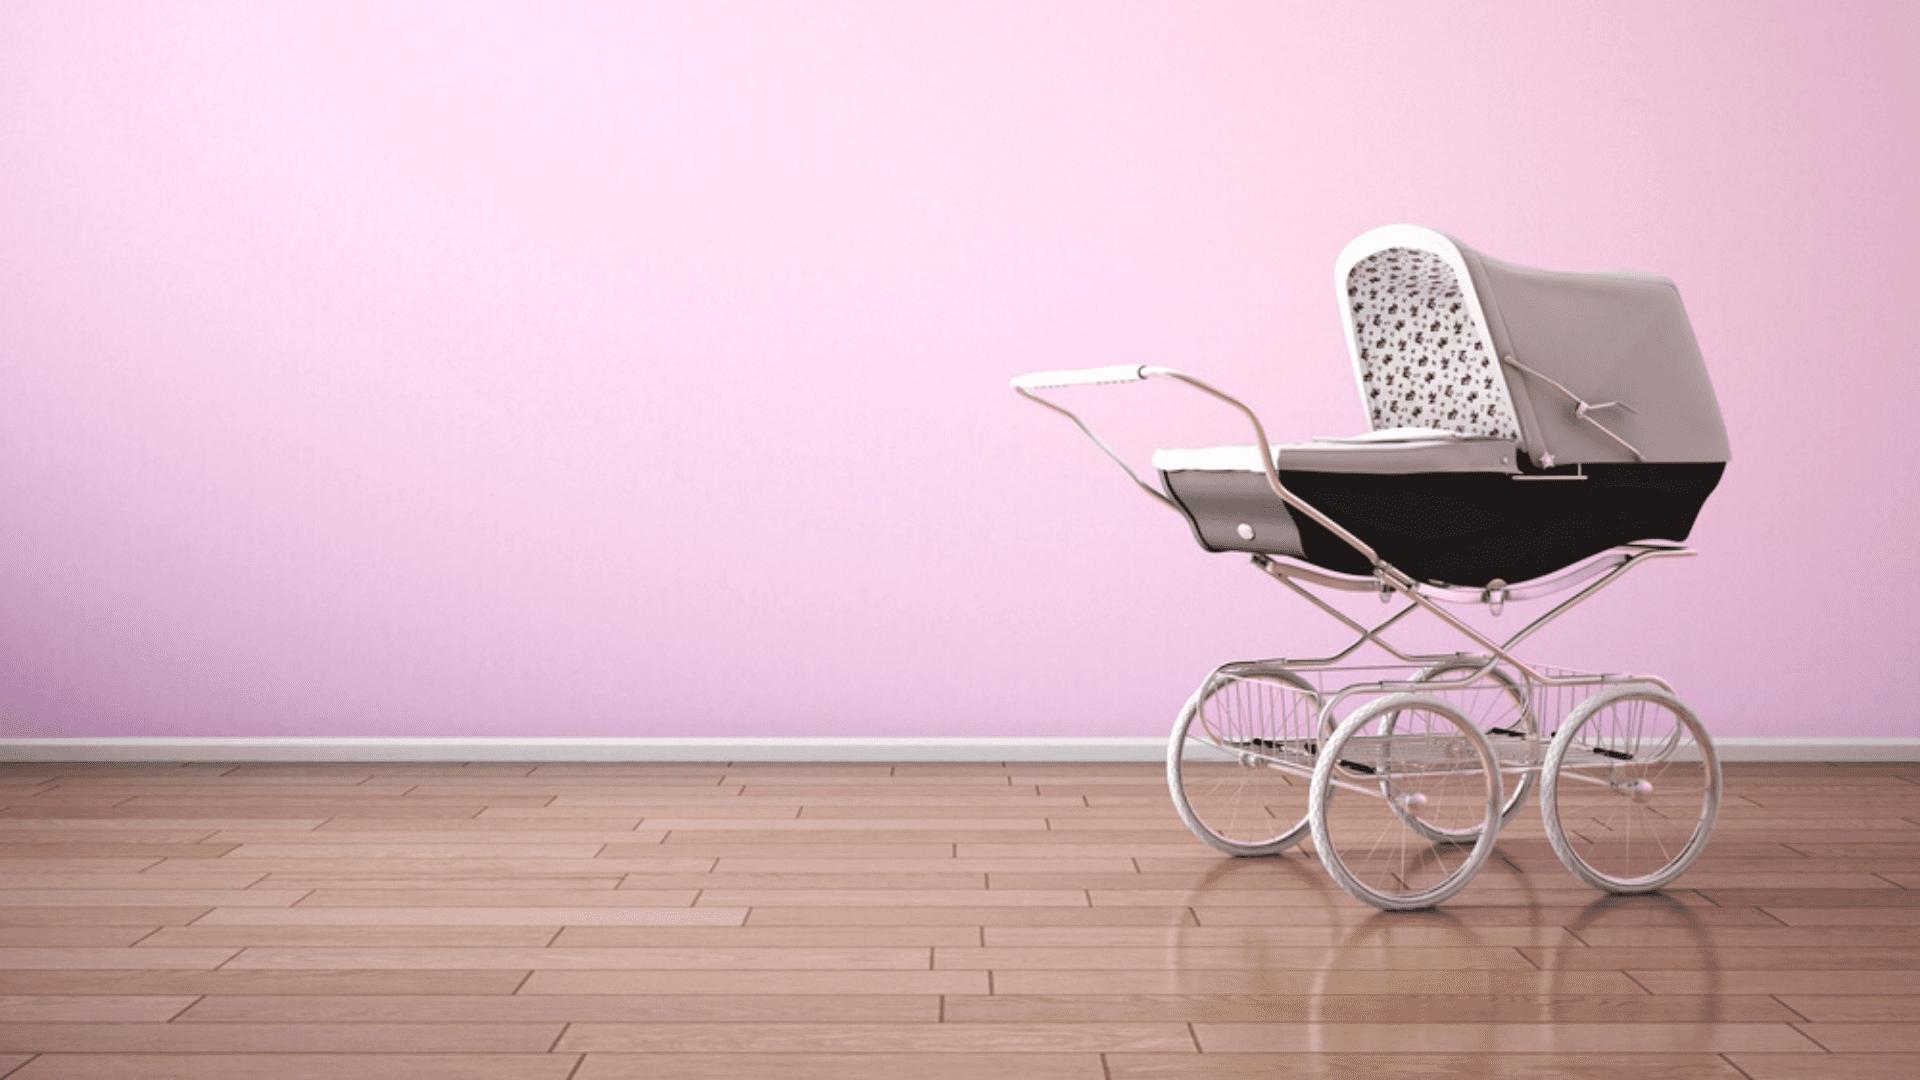 Confira o nosso Guia de Compras para entender como escolher um carrinho de bebê! (Imagem: Reprodução/Shutterstock)